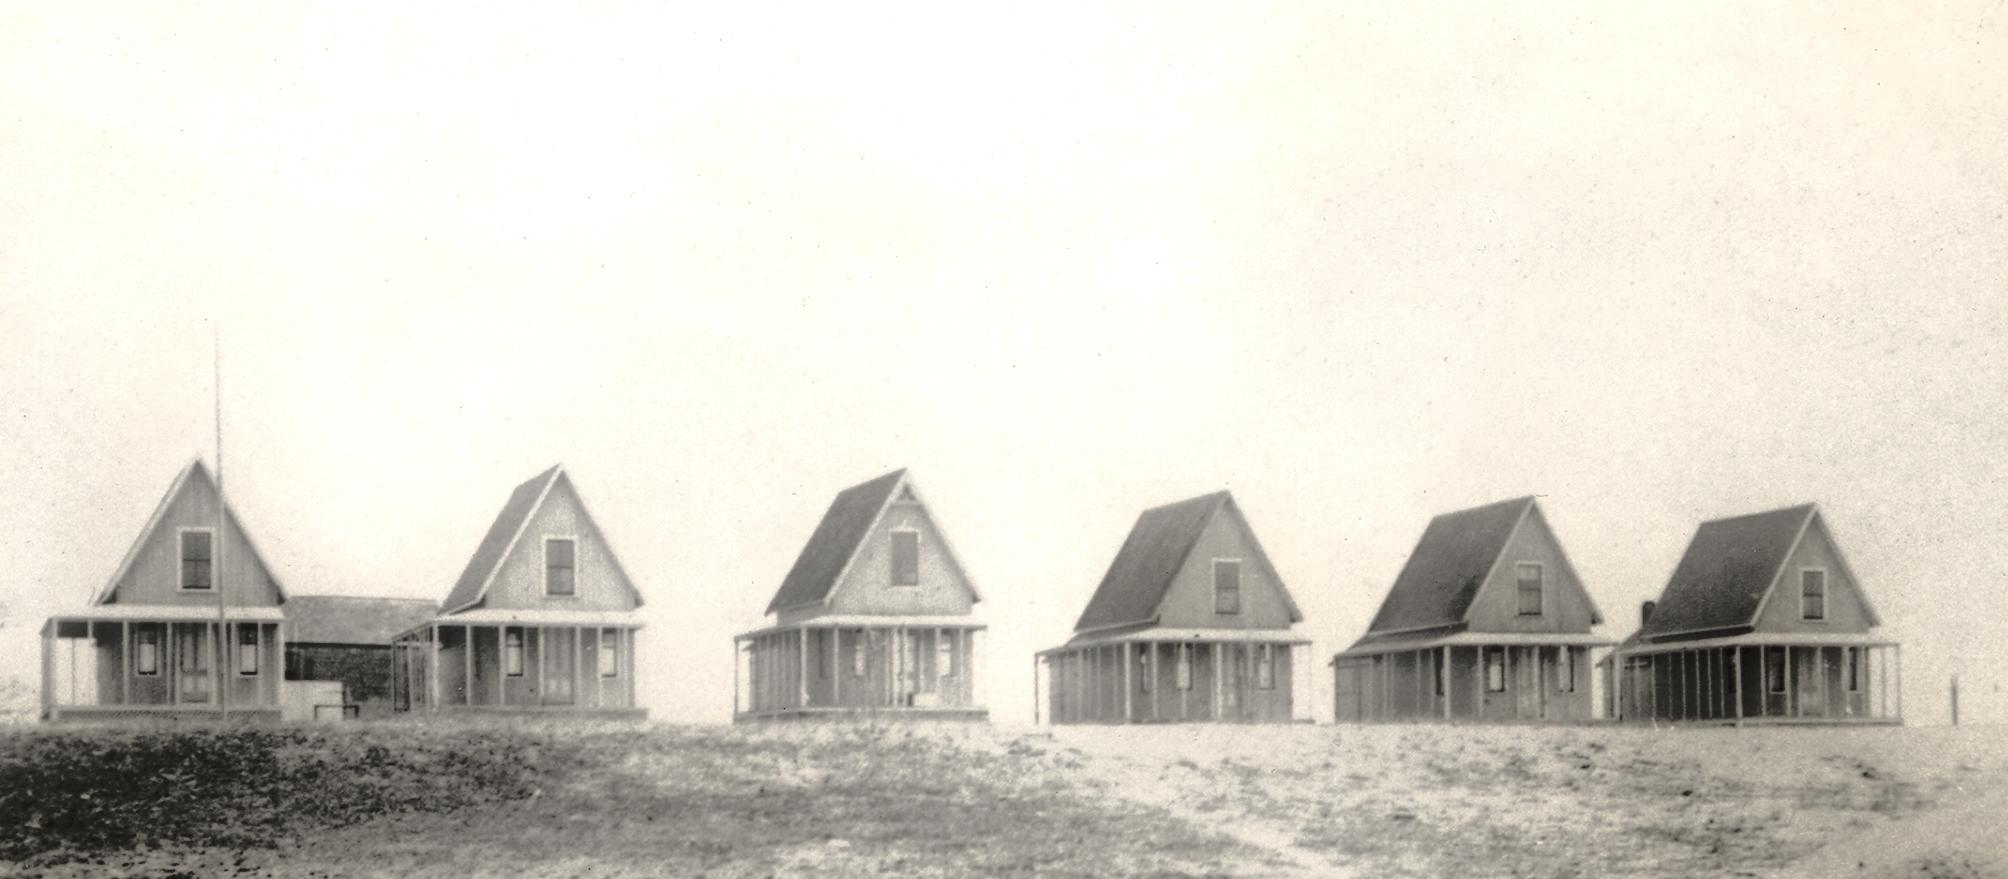 The Lemon Pie Cottages